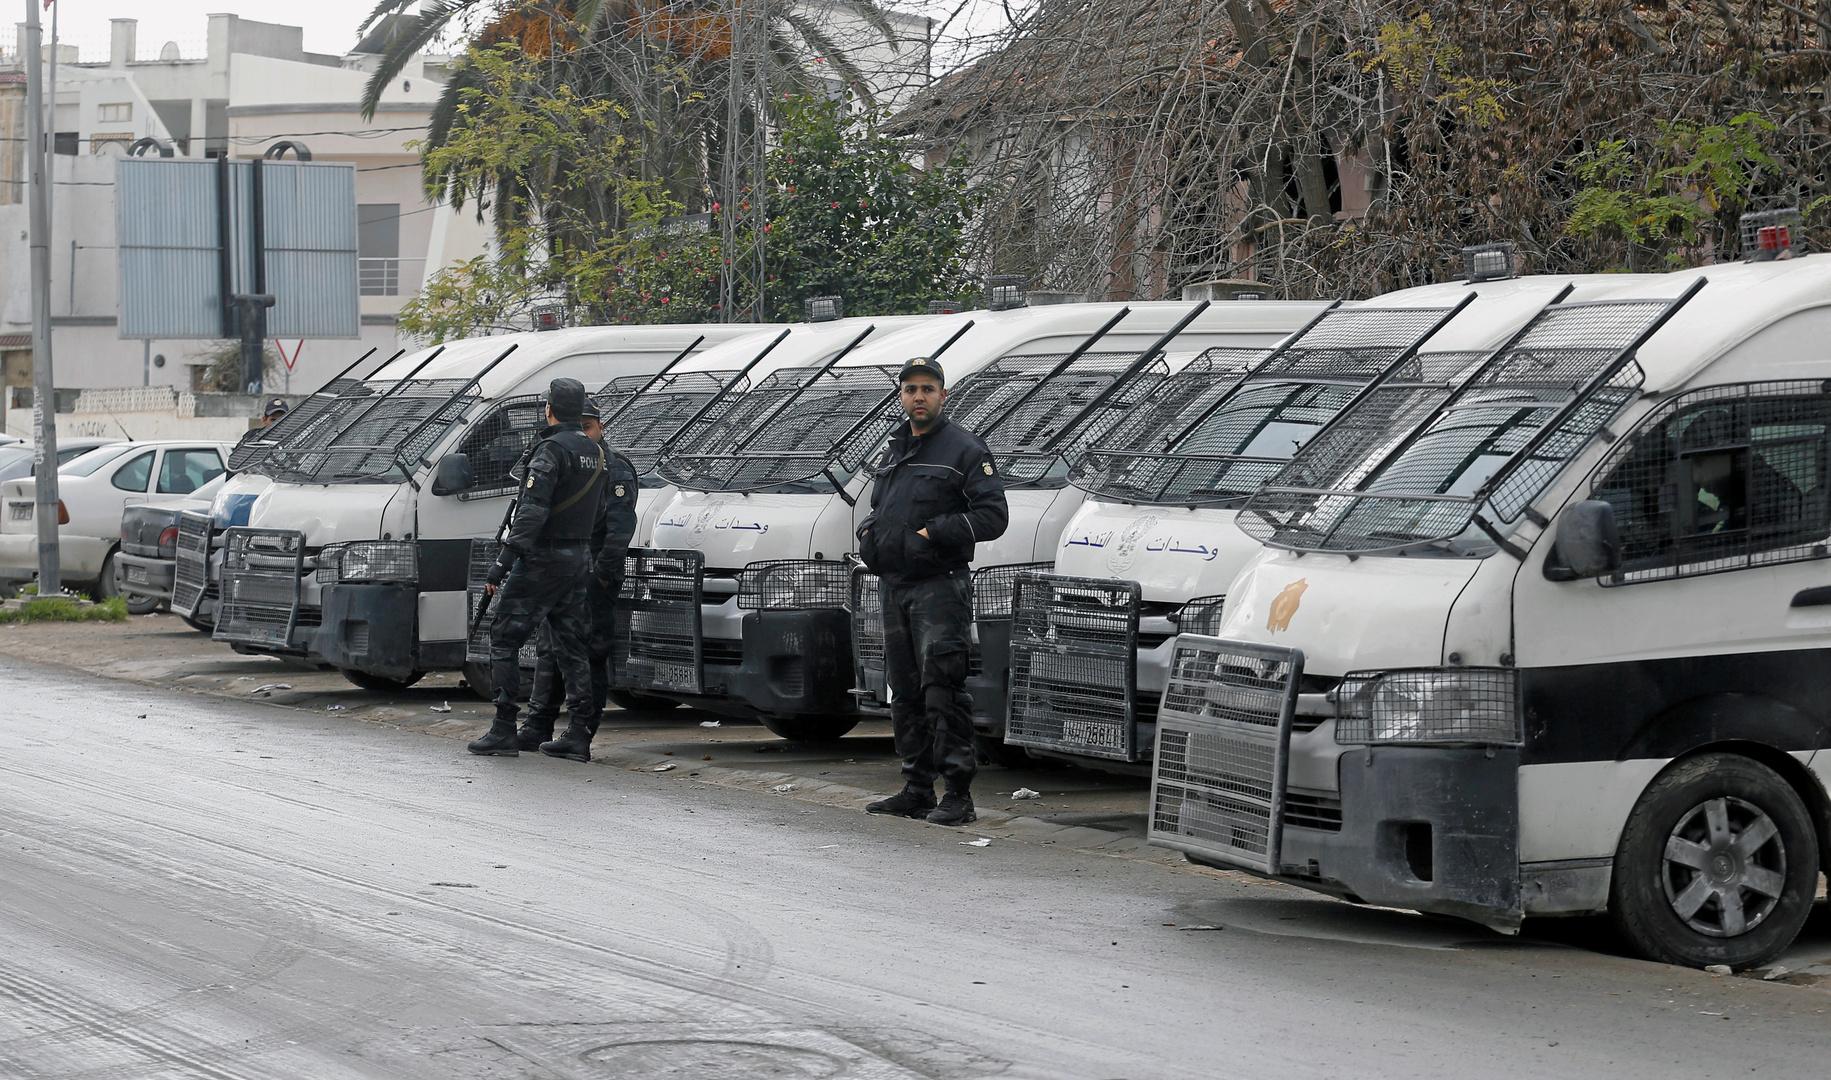 رئيس الحكومة التونسية يأمر بالتحرك الفوري لإعادة تشغيل مواقع الإنتاج